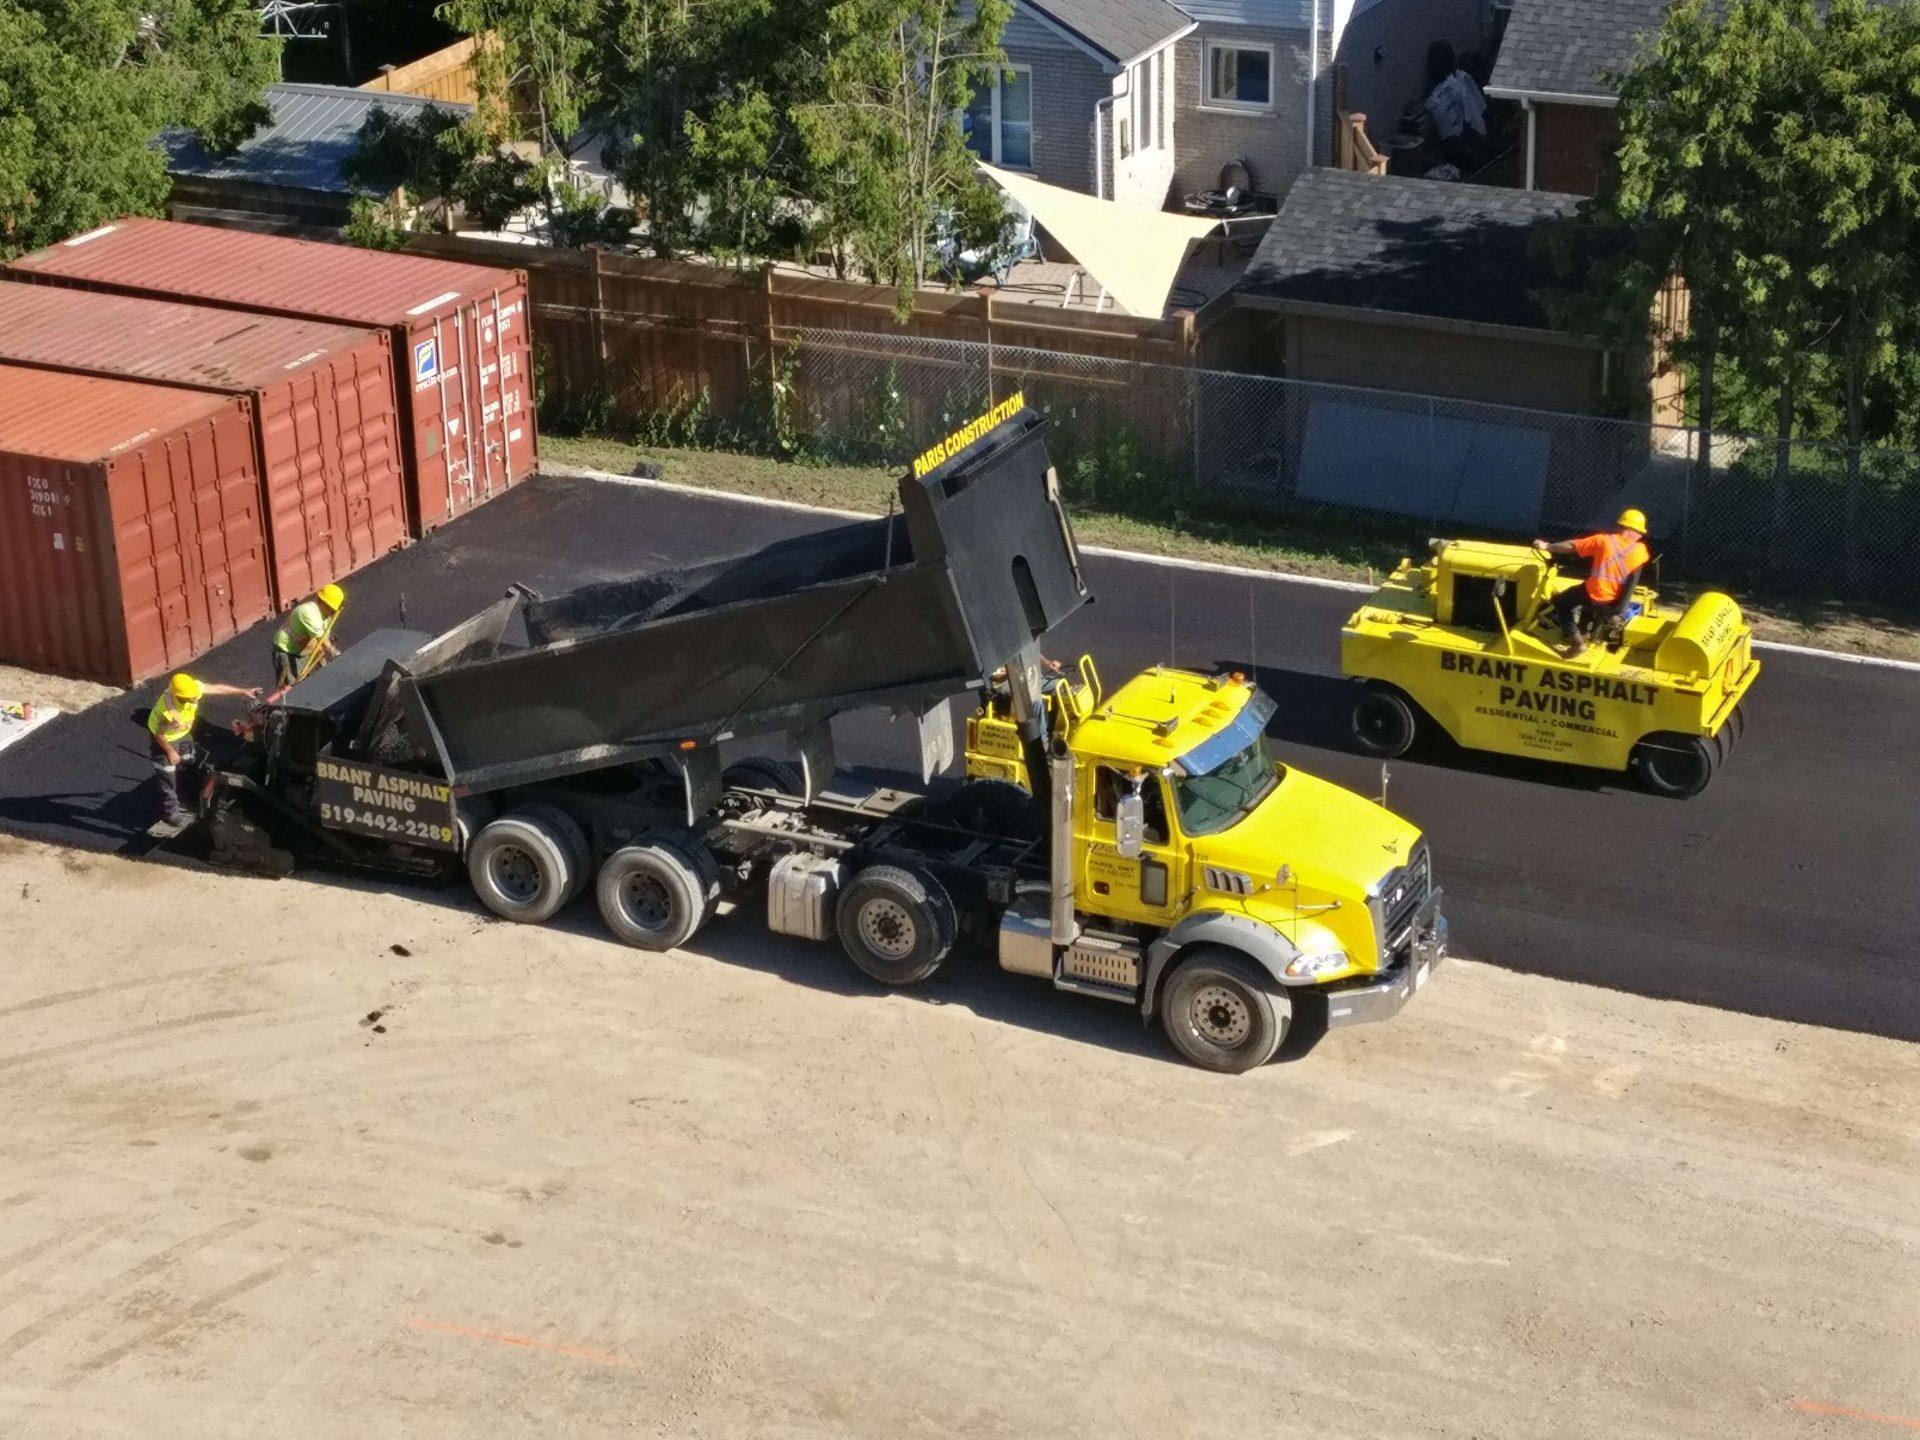 Paris Construction asphalt truck